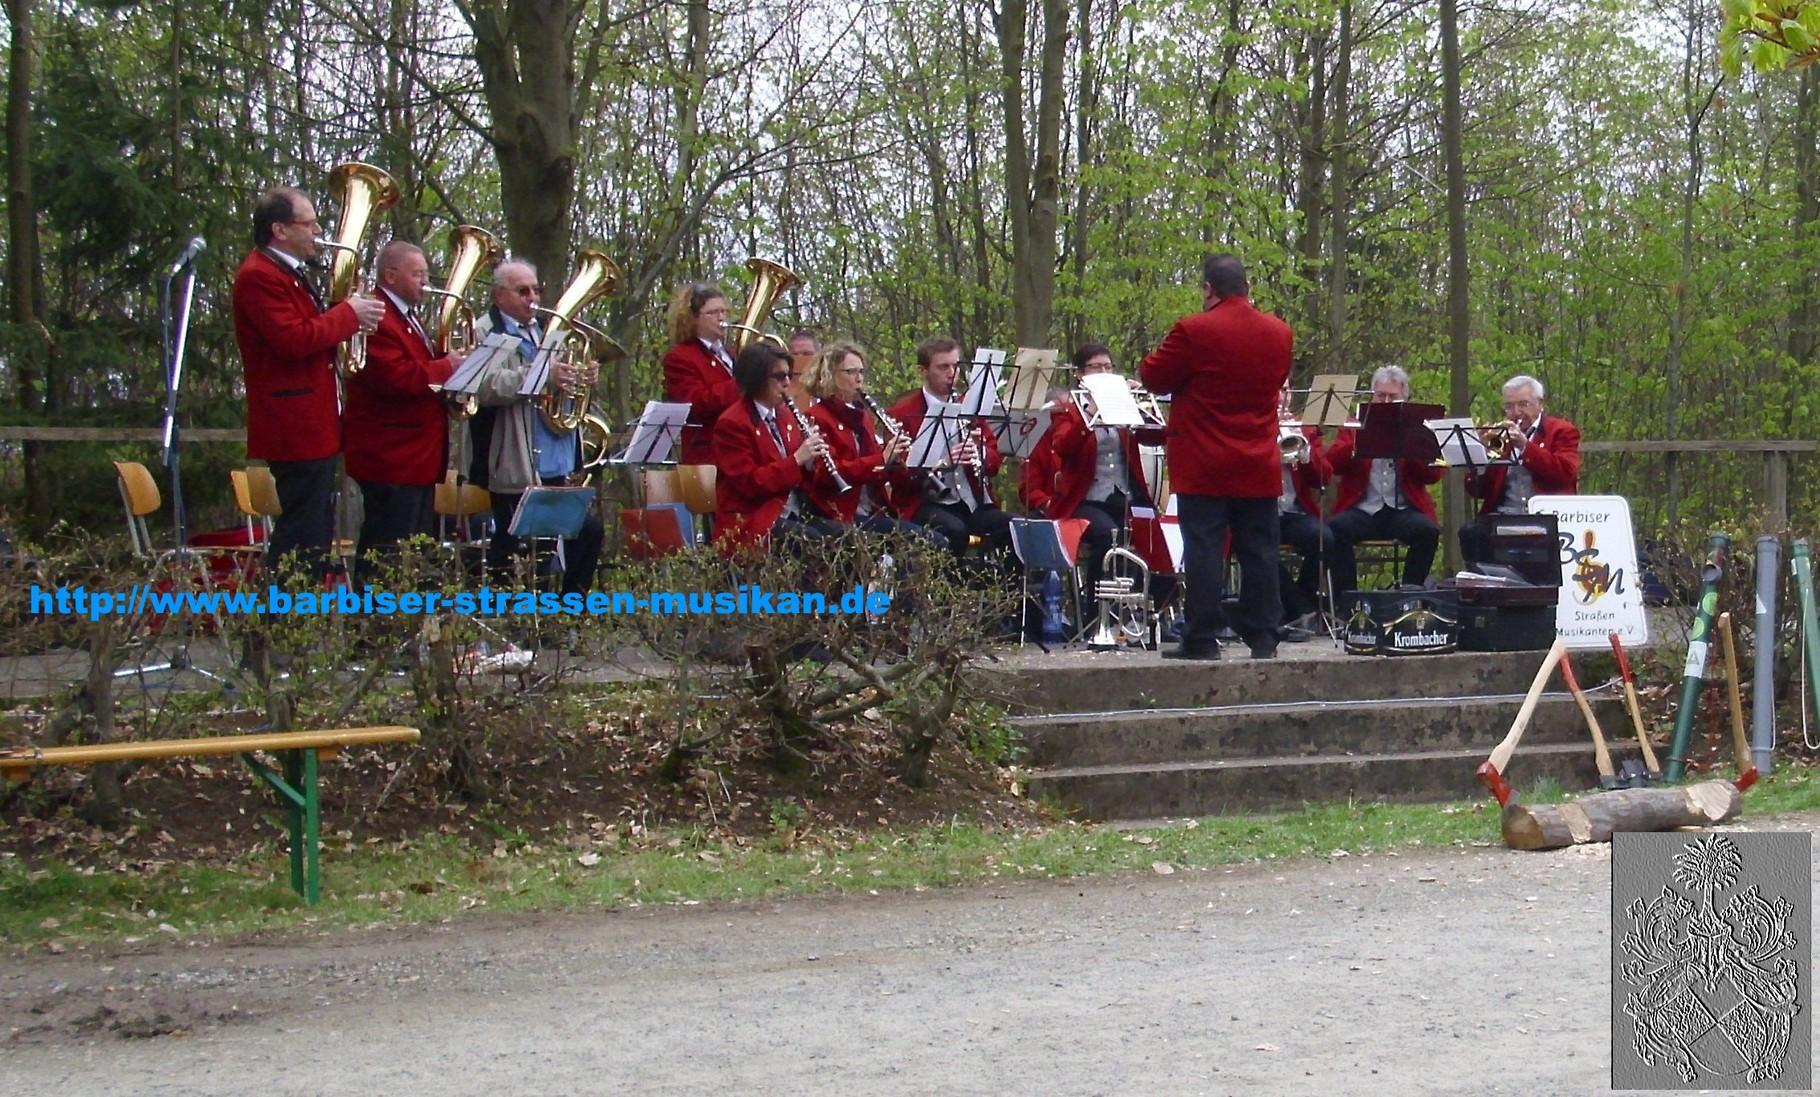 Harzklub-Pöhlde 2013